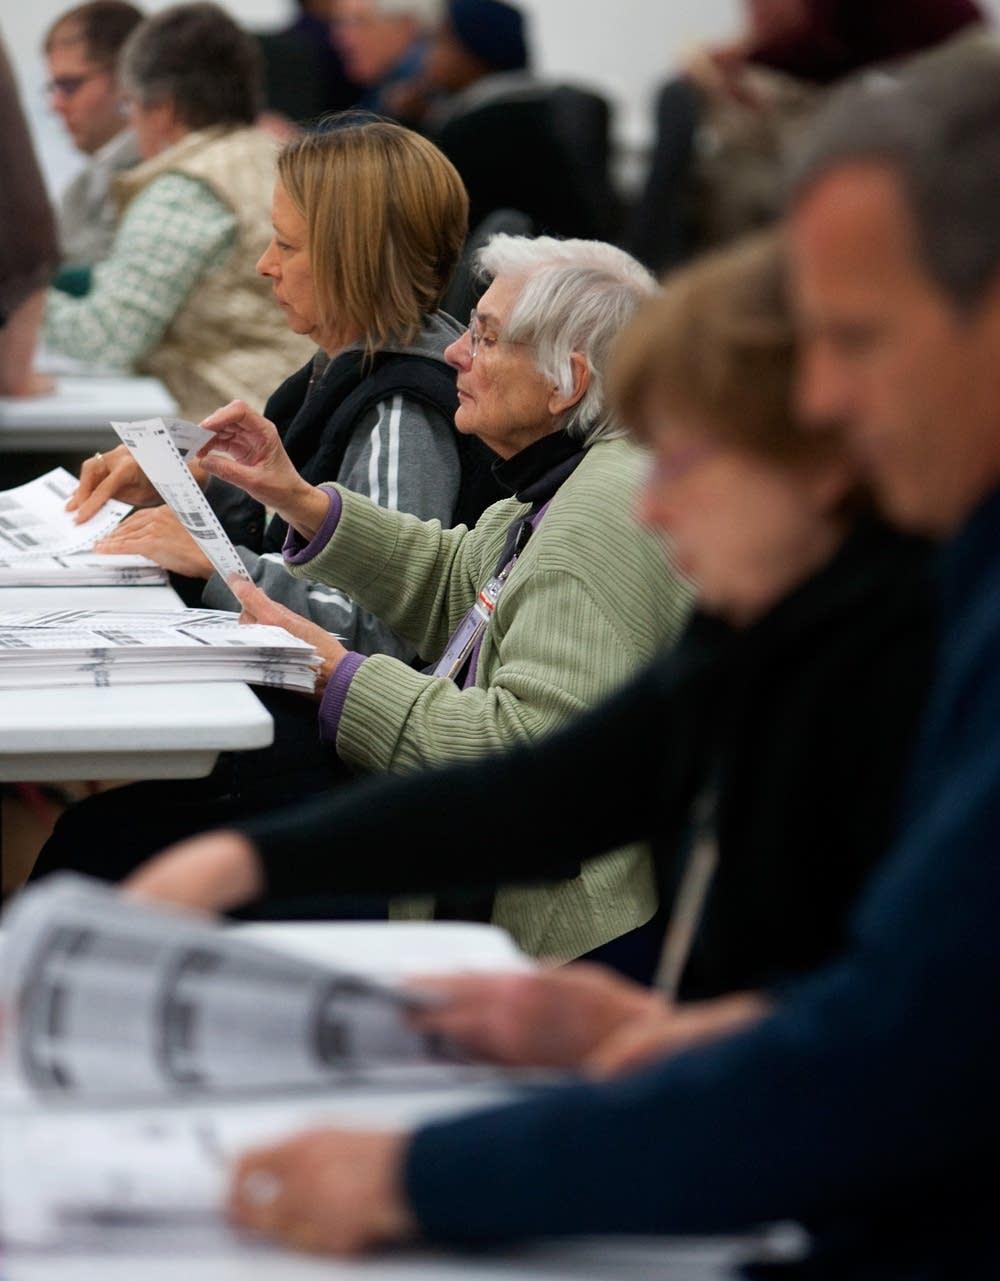 Counting IRV ballots